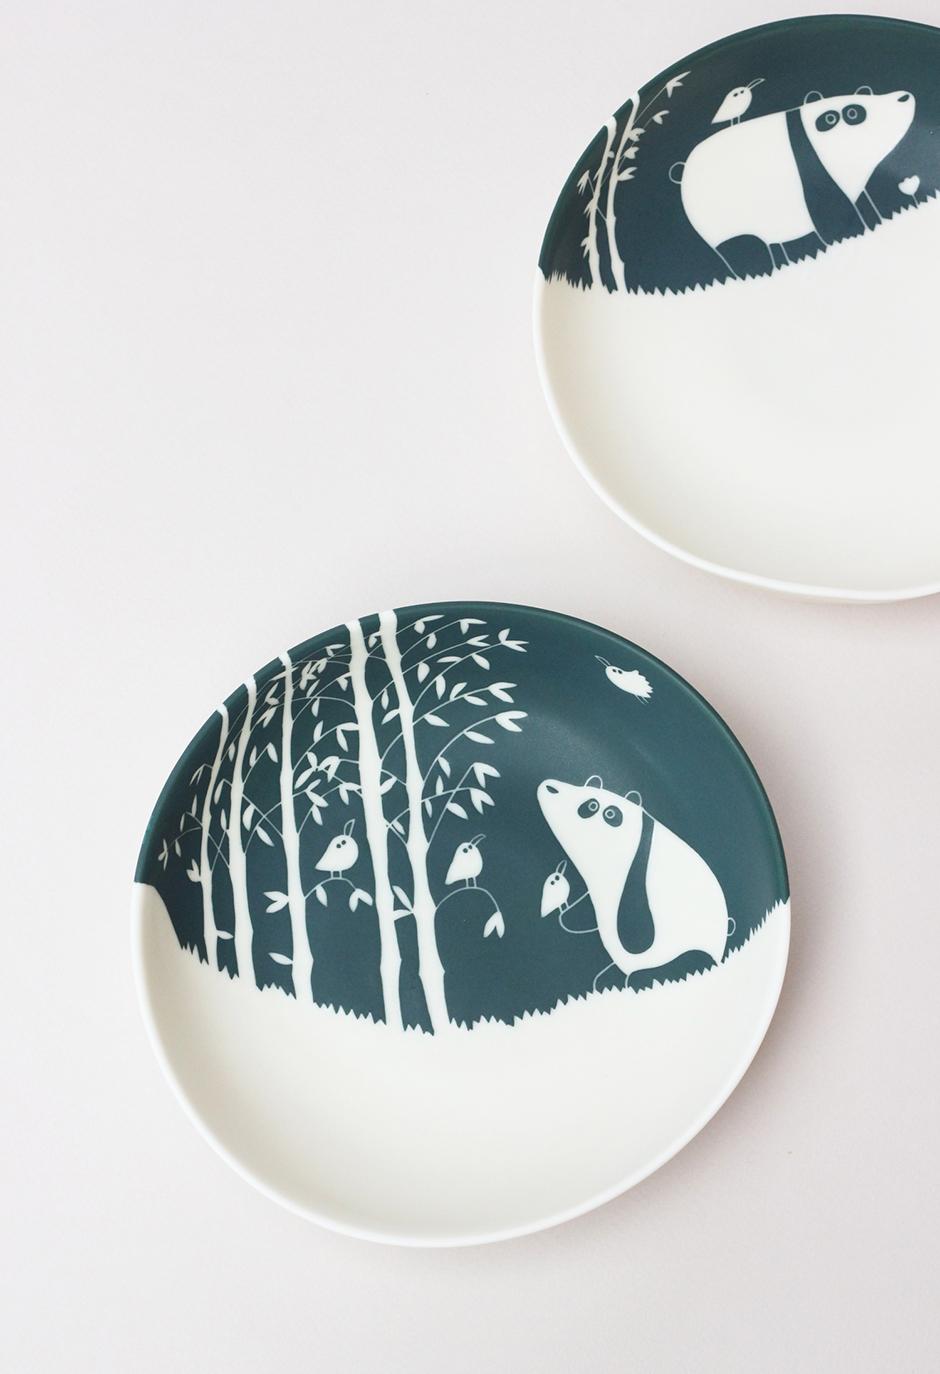 09-2017 - Petites assiettes creuses pandas bambous.jpg